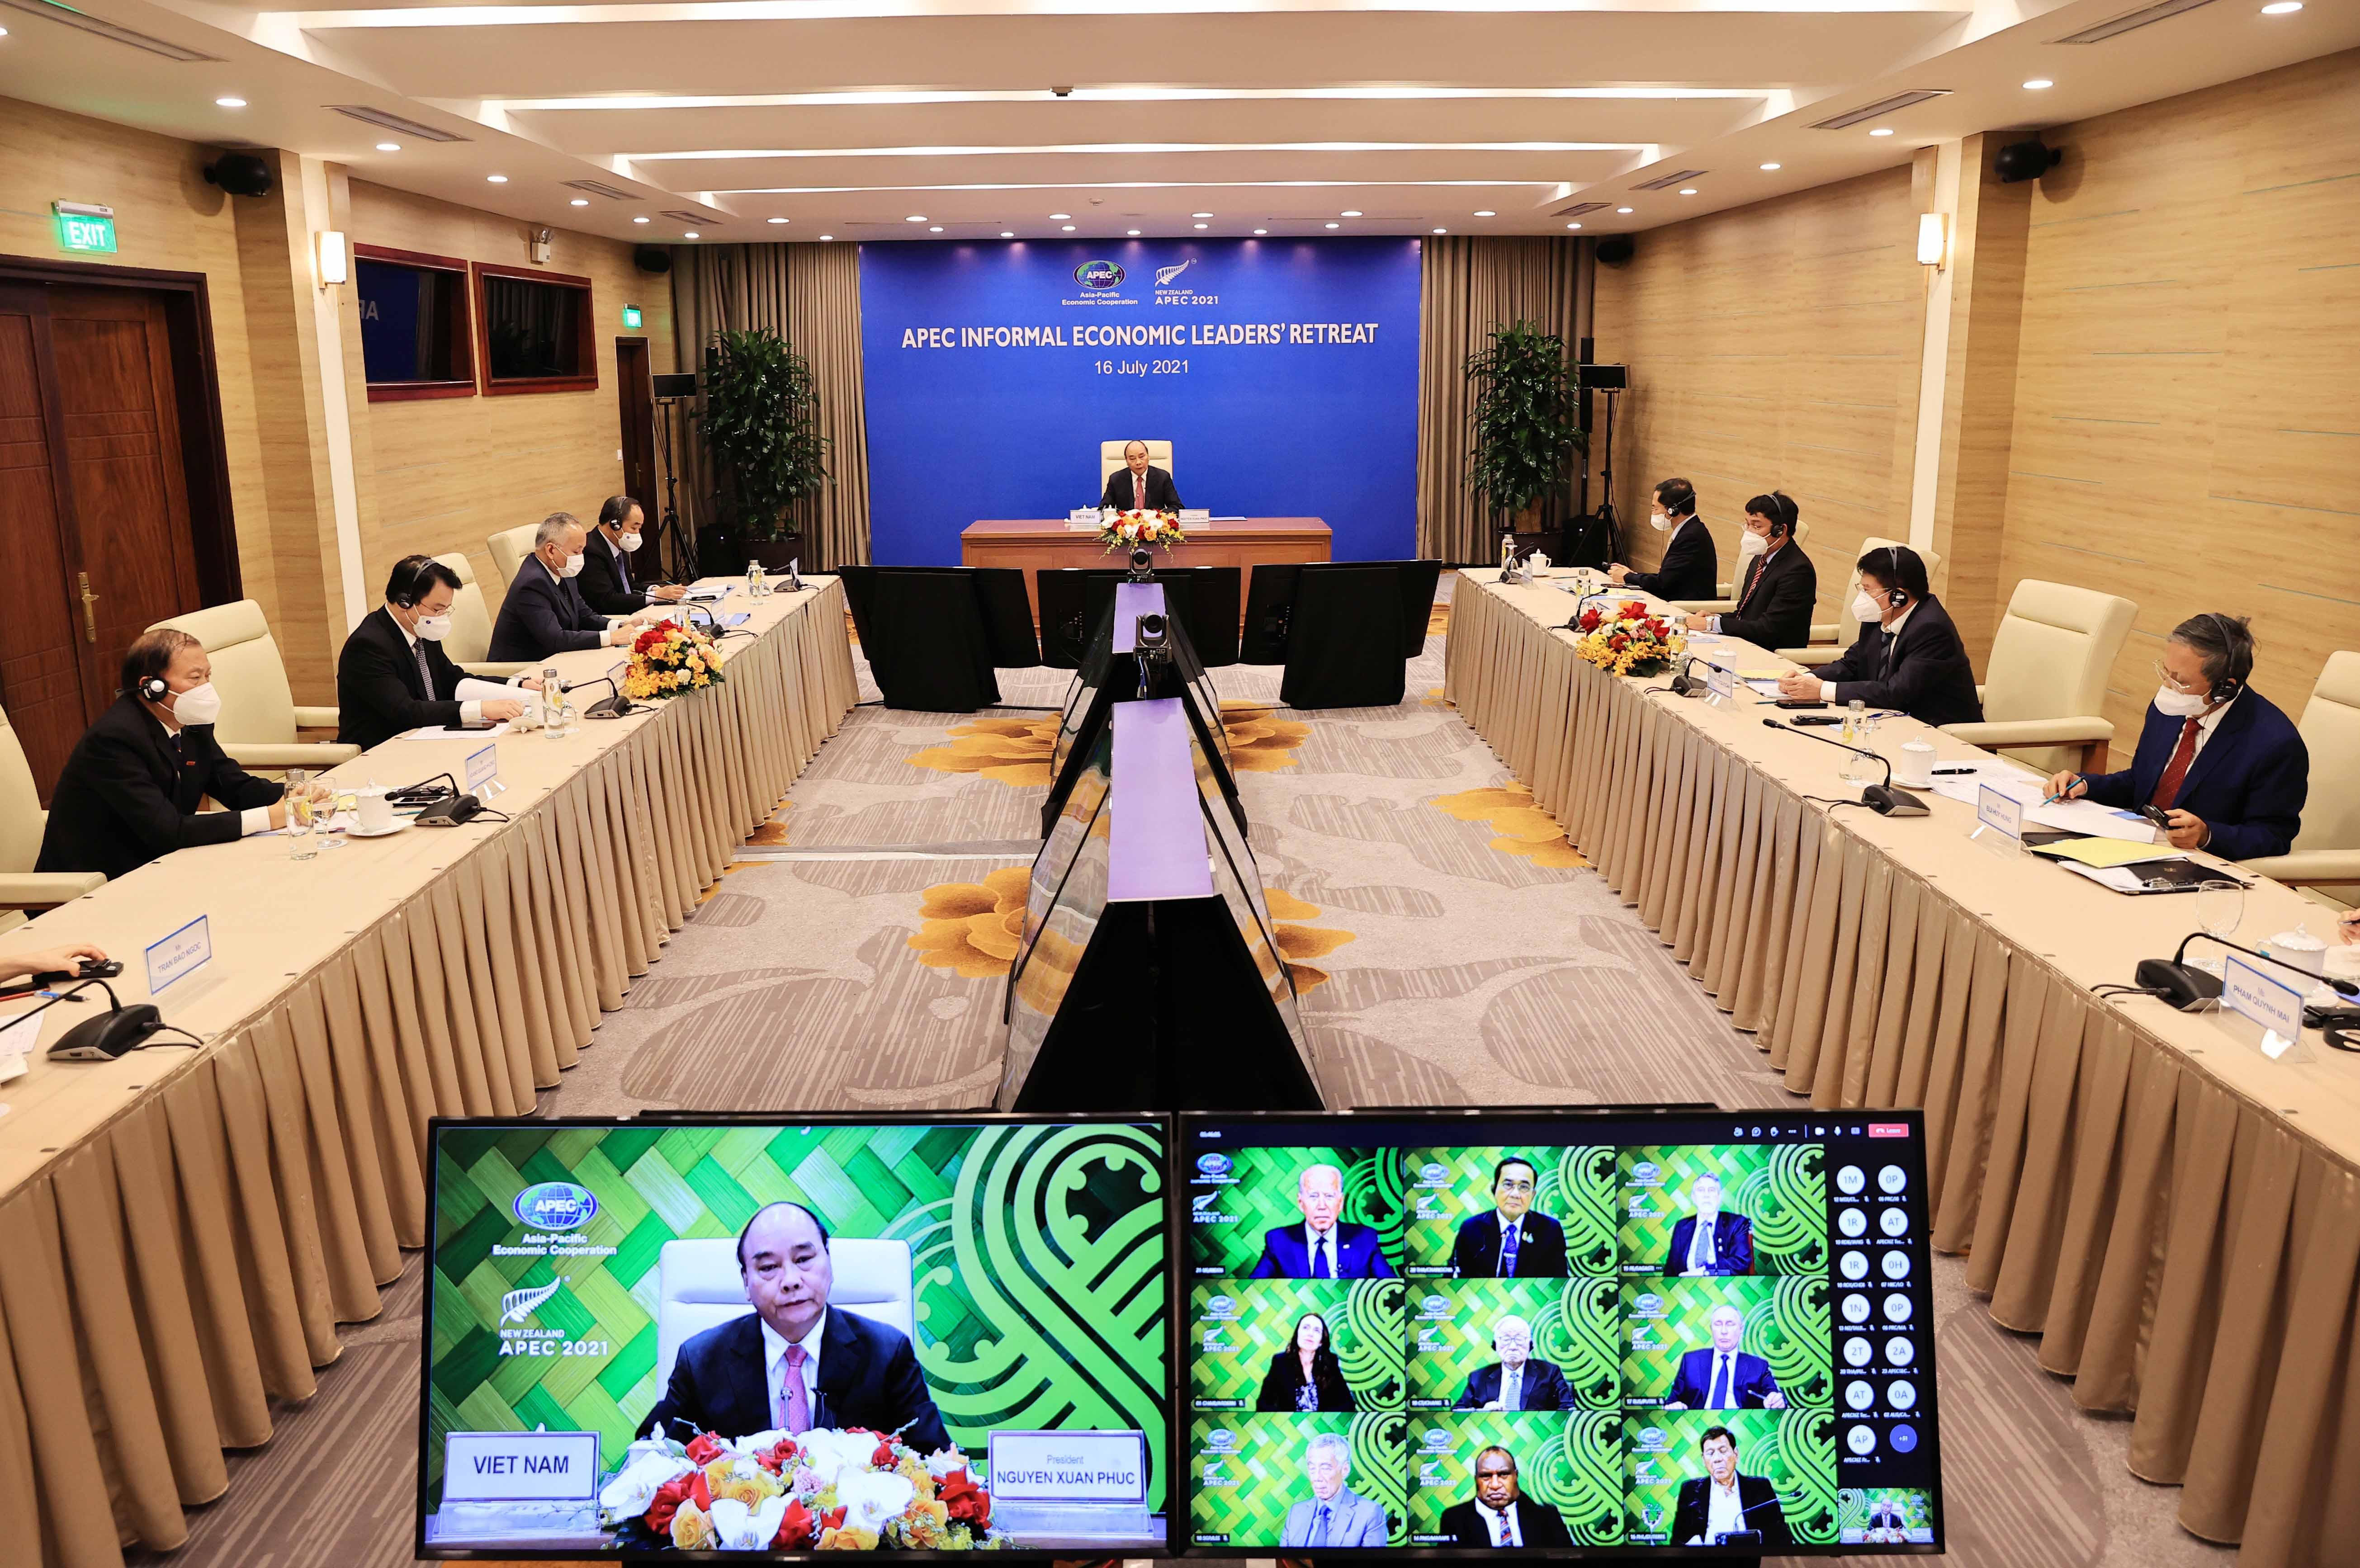 Các nhà lãnh đạo APEC tuyên bố vượt qua Covid-19 và thúc đẩy phục hồi kinh tế